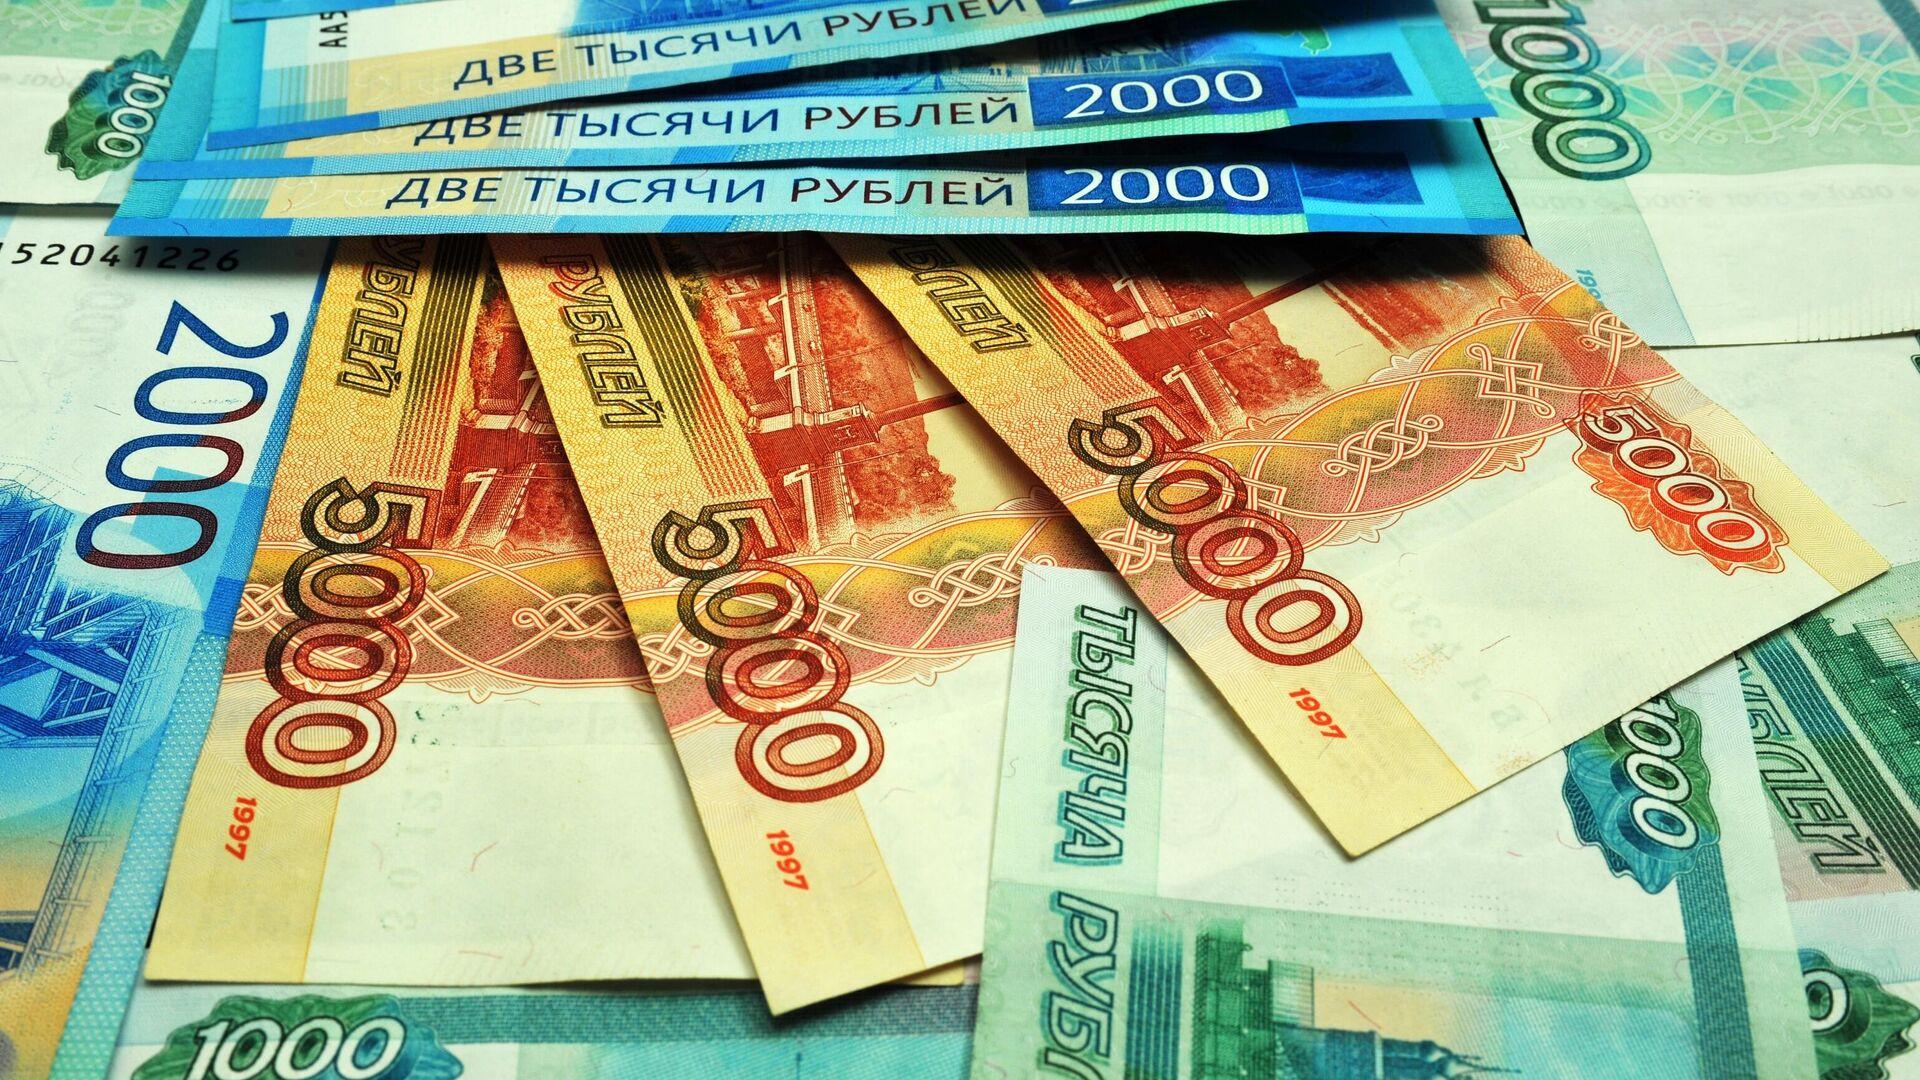 Банкноты номиналом 1000, 2000 и 5000 рублей - РИА Новости, 1920, 06.03.2020